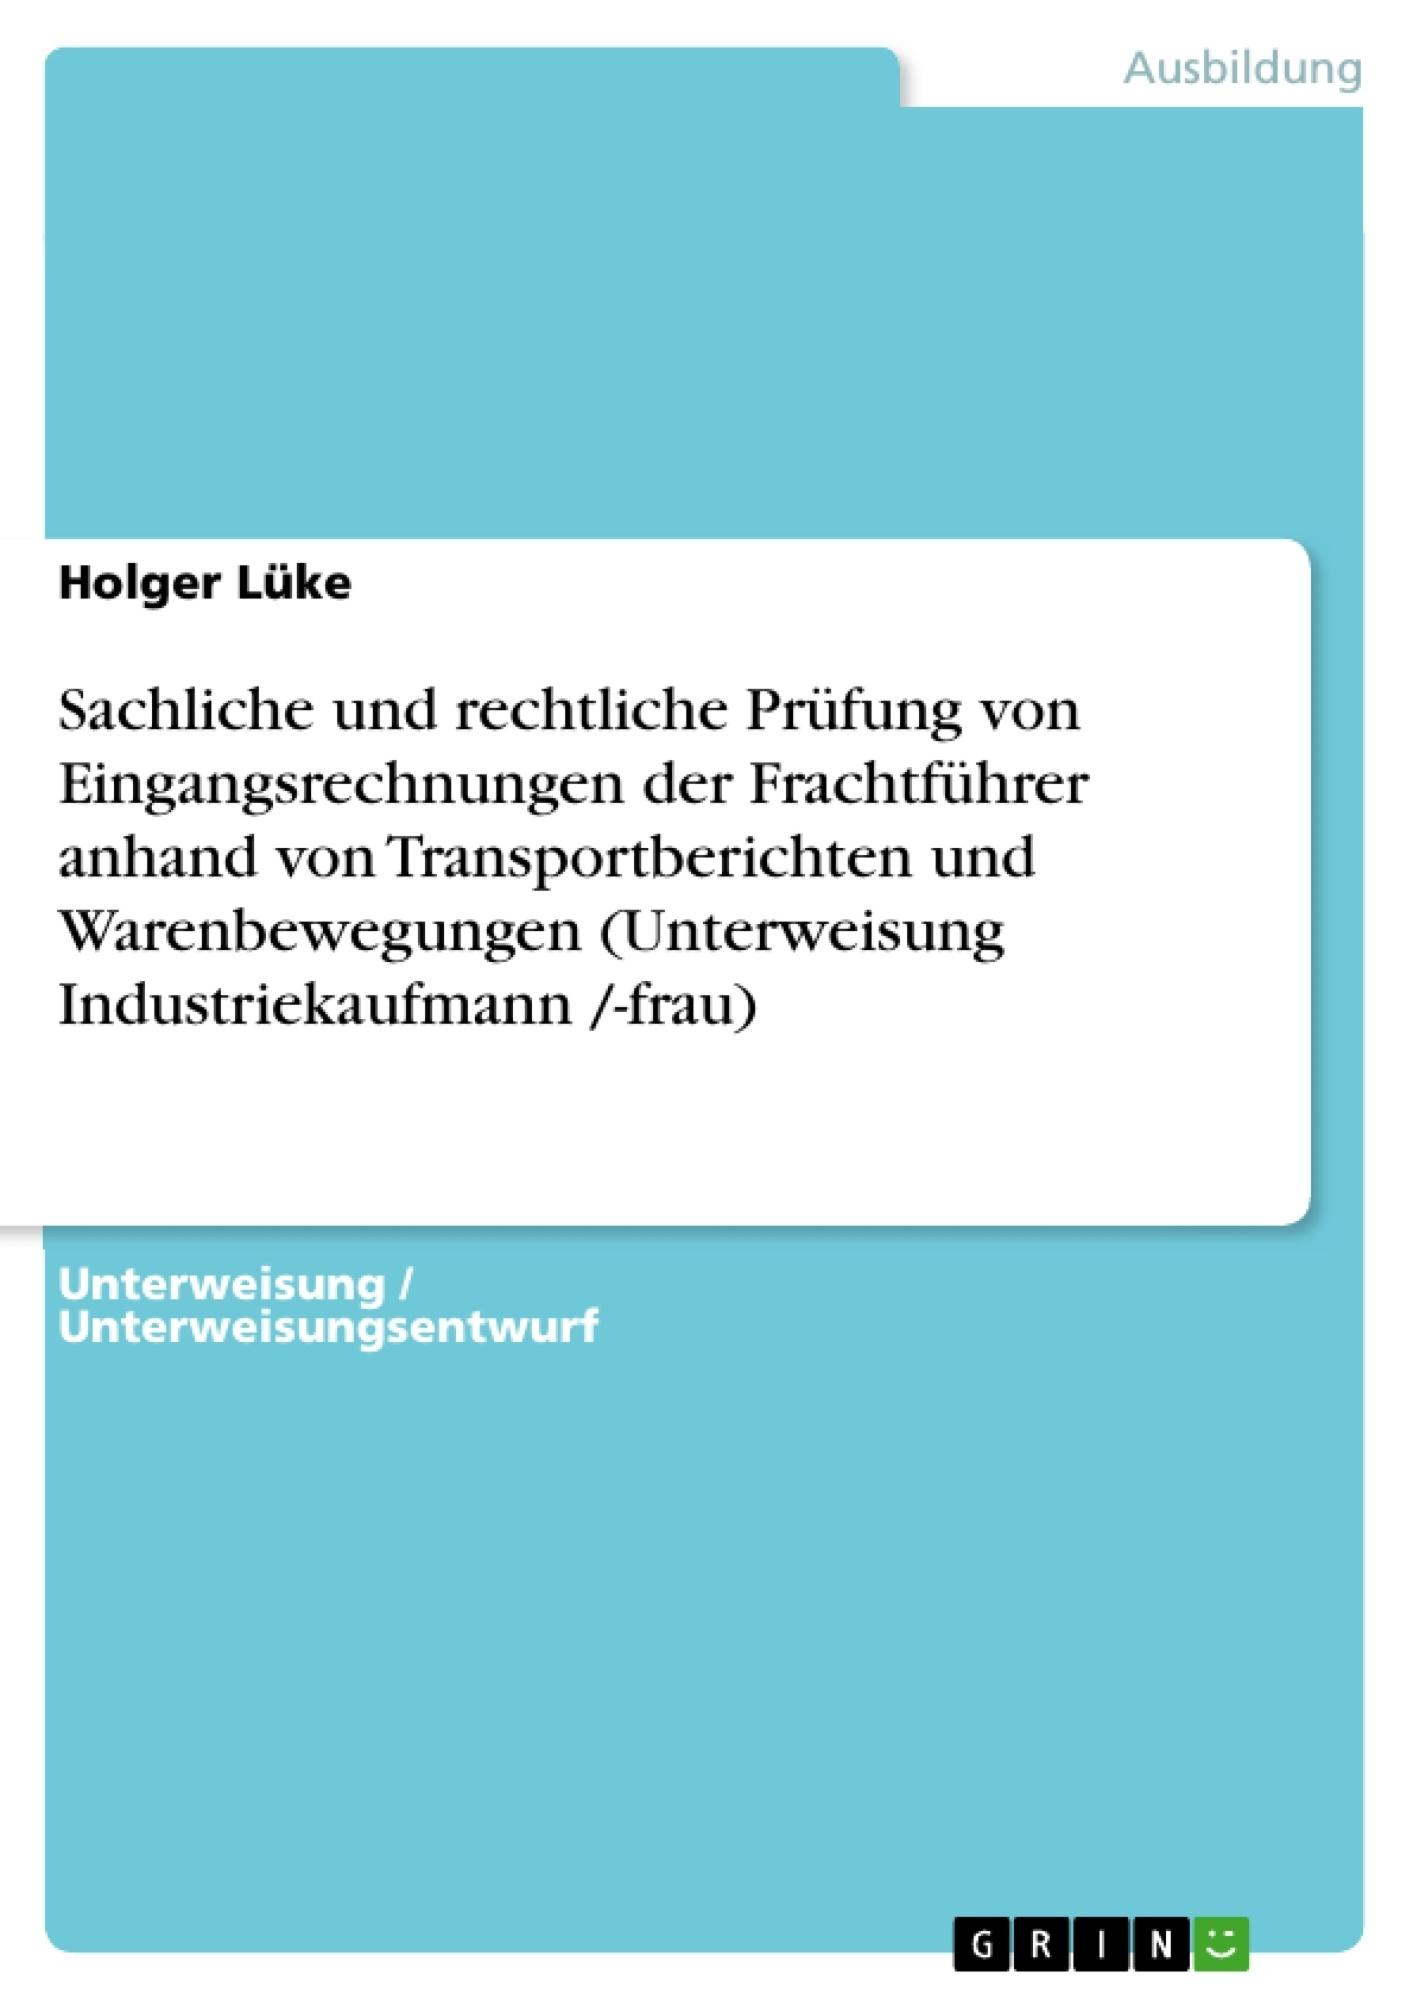 Titel: Sachliche und rechtliche Prüfung von Eingangsrechnungen der Frachtführer anhand von Transportberichten und Warenbewegungen  (Unterweisung Industriekaufmann /-frau)